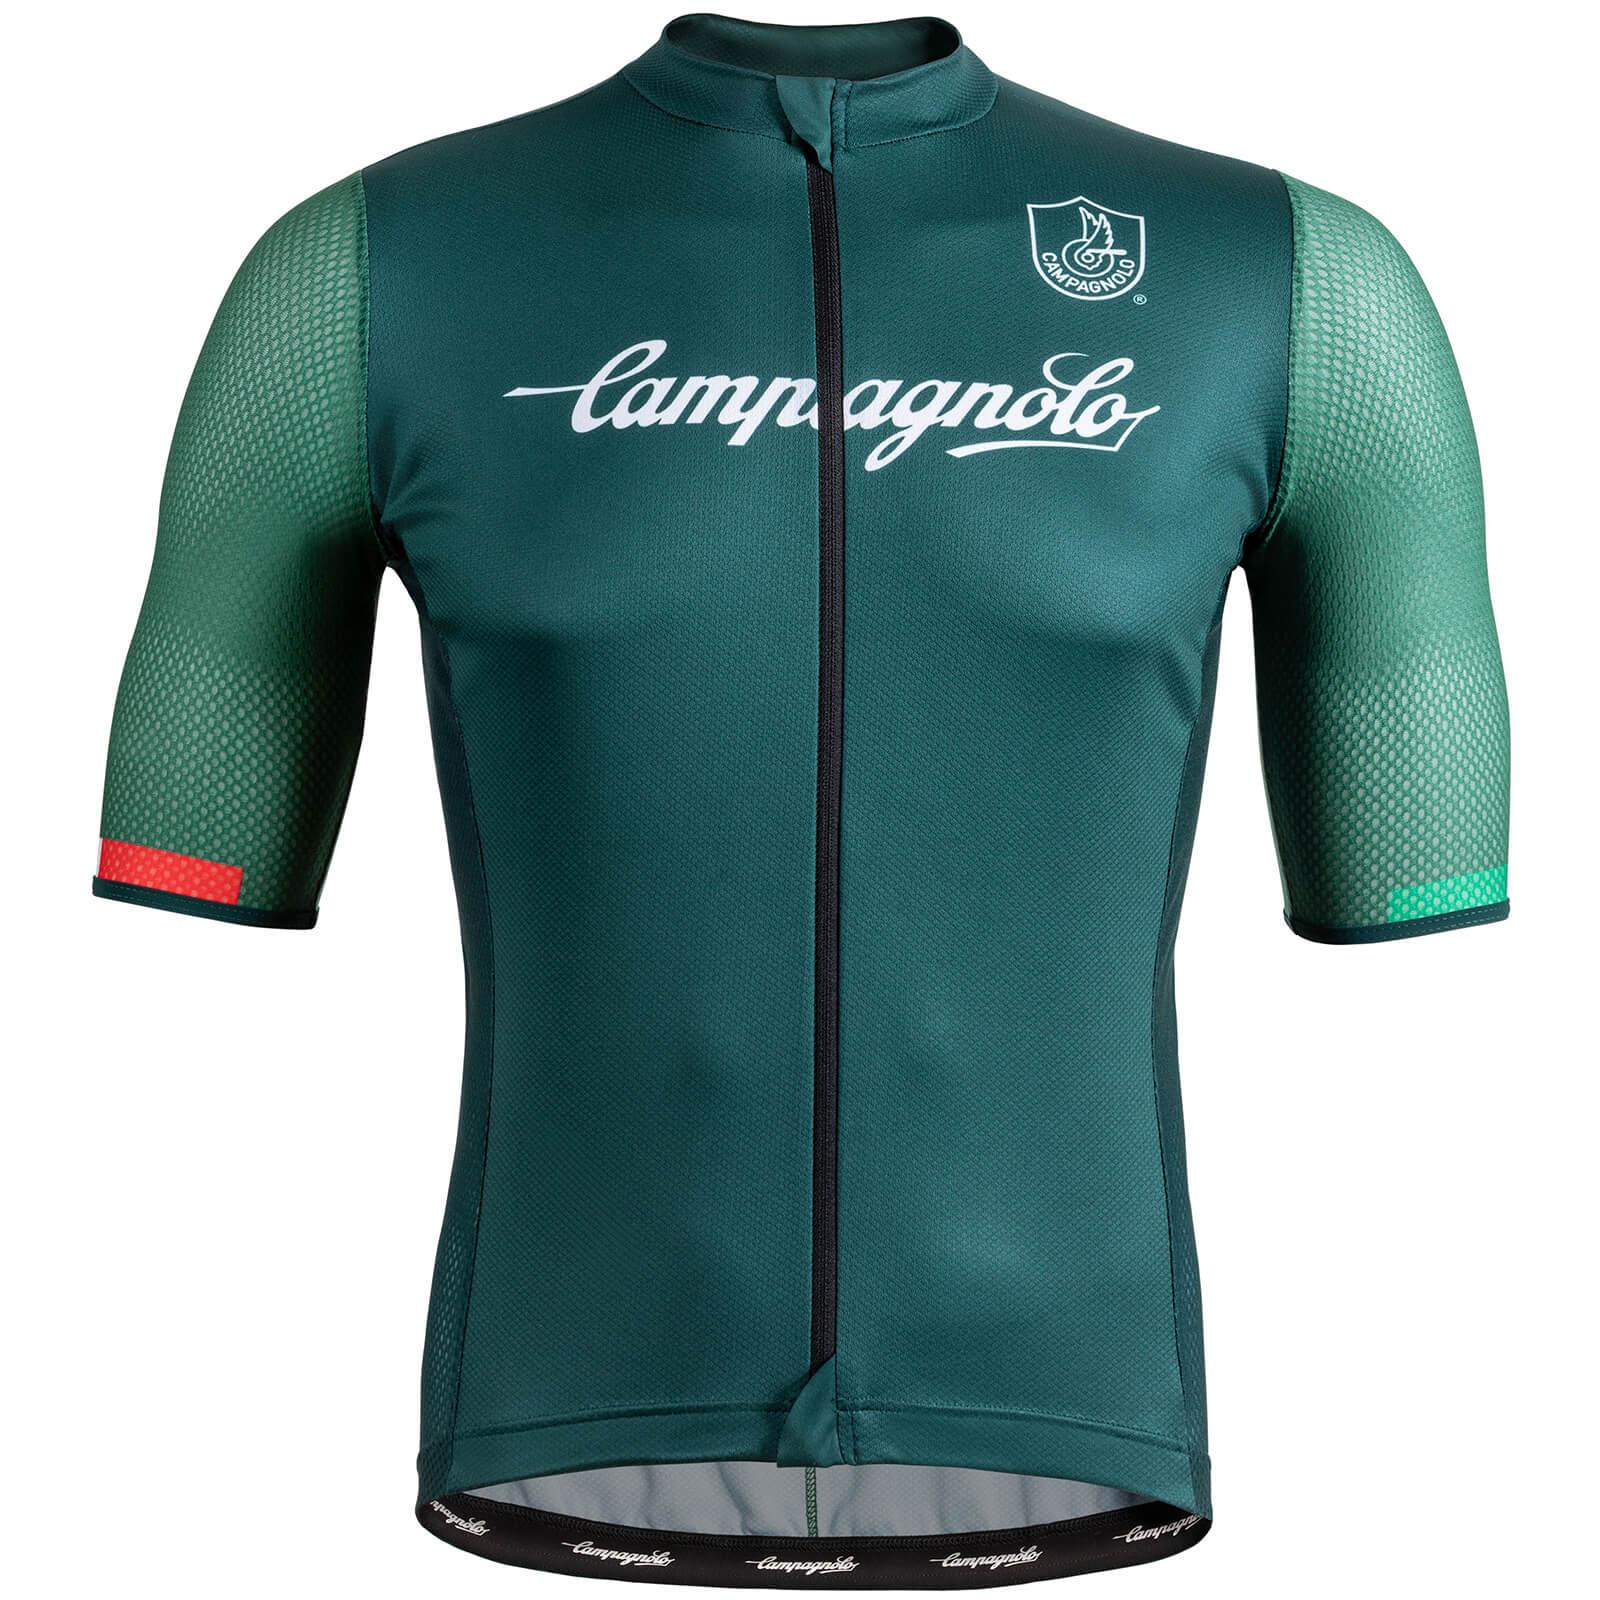 Nalini Campagnolo Iridio Jersey - L - Green